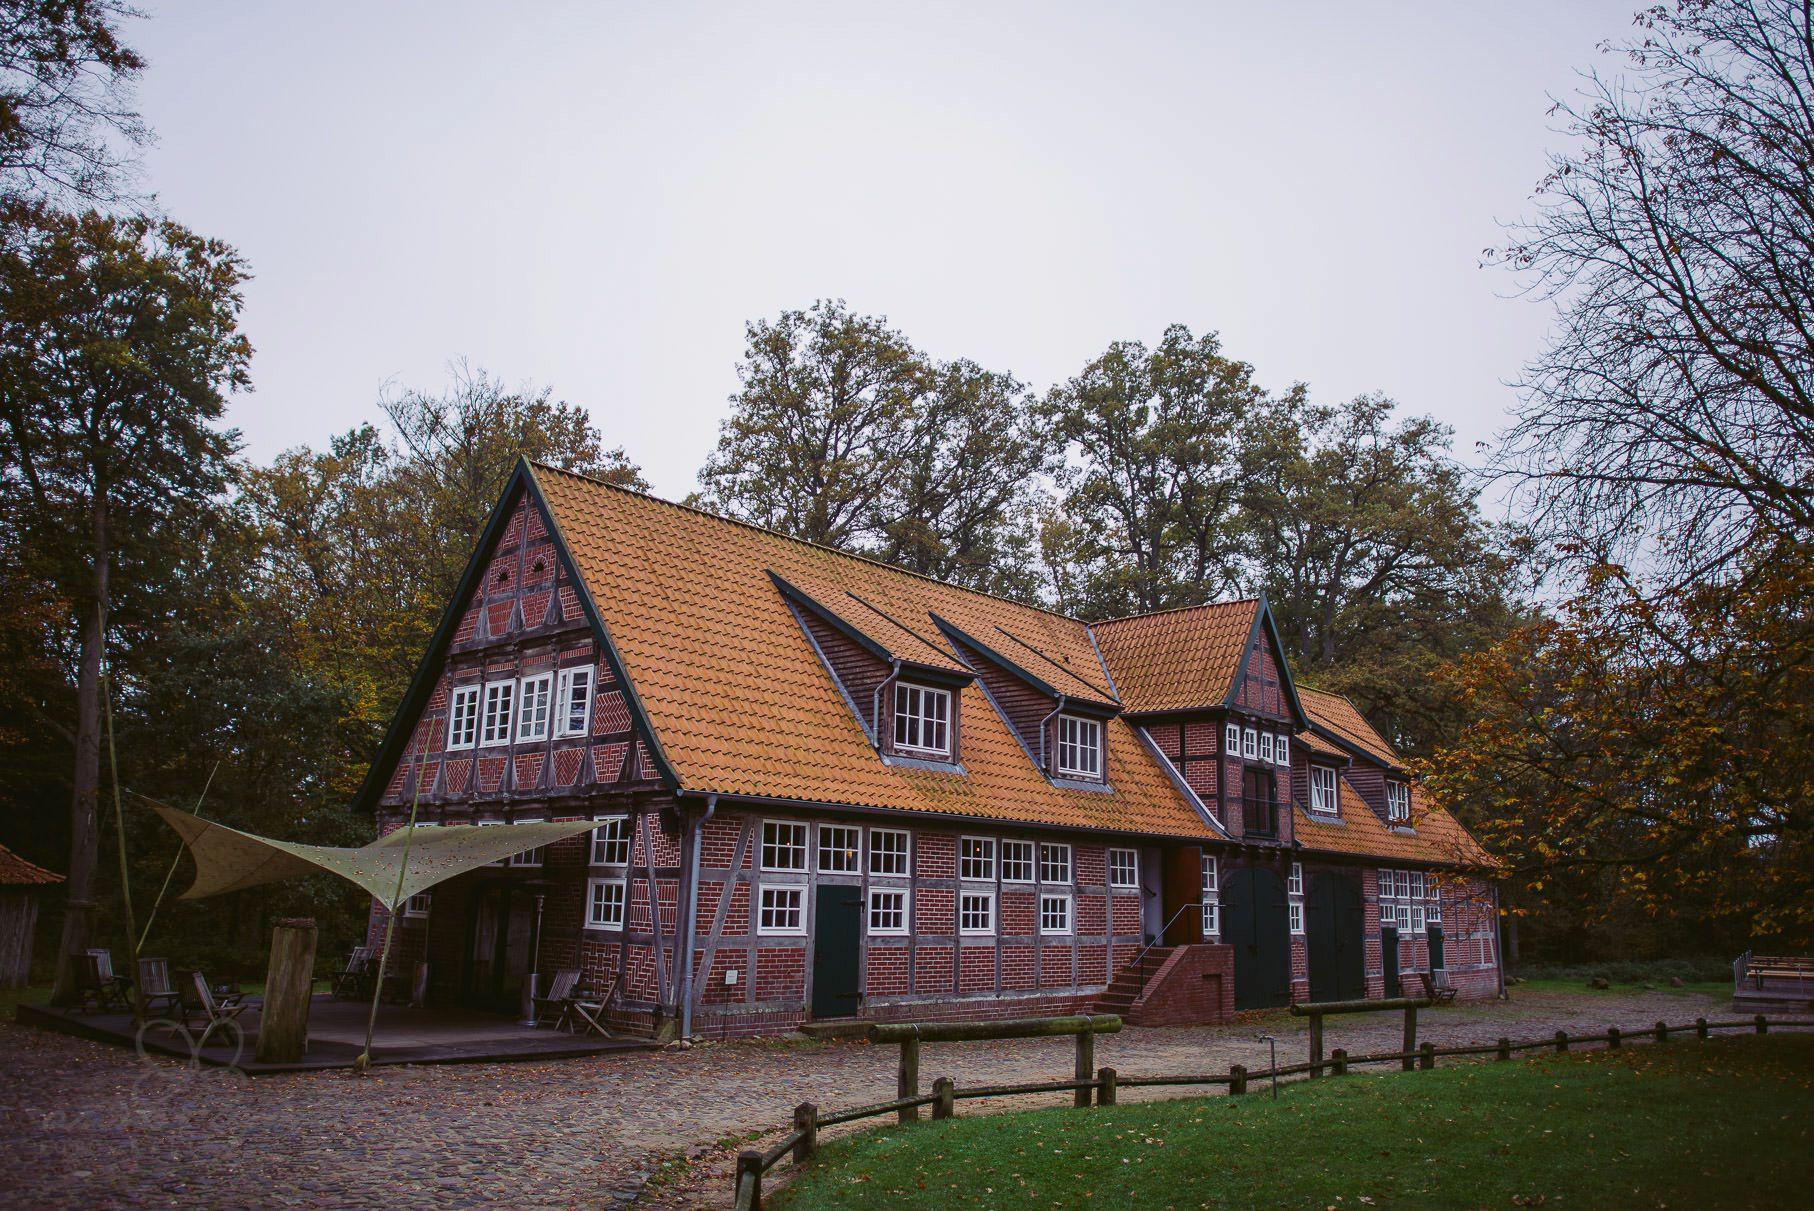 0075 aub 812 9693 - Hochzeit auf Gut Thansen - Anja & Björn